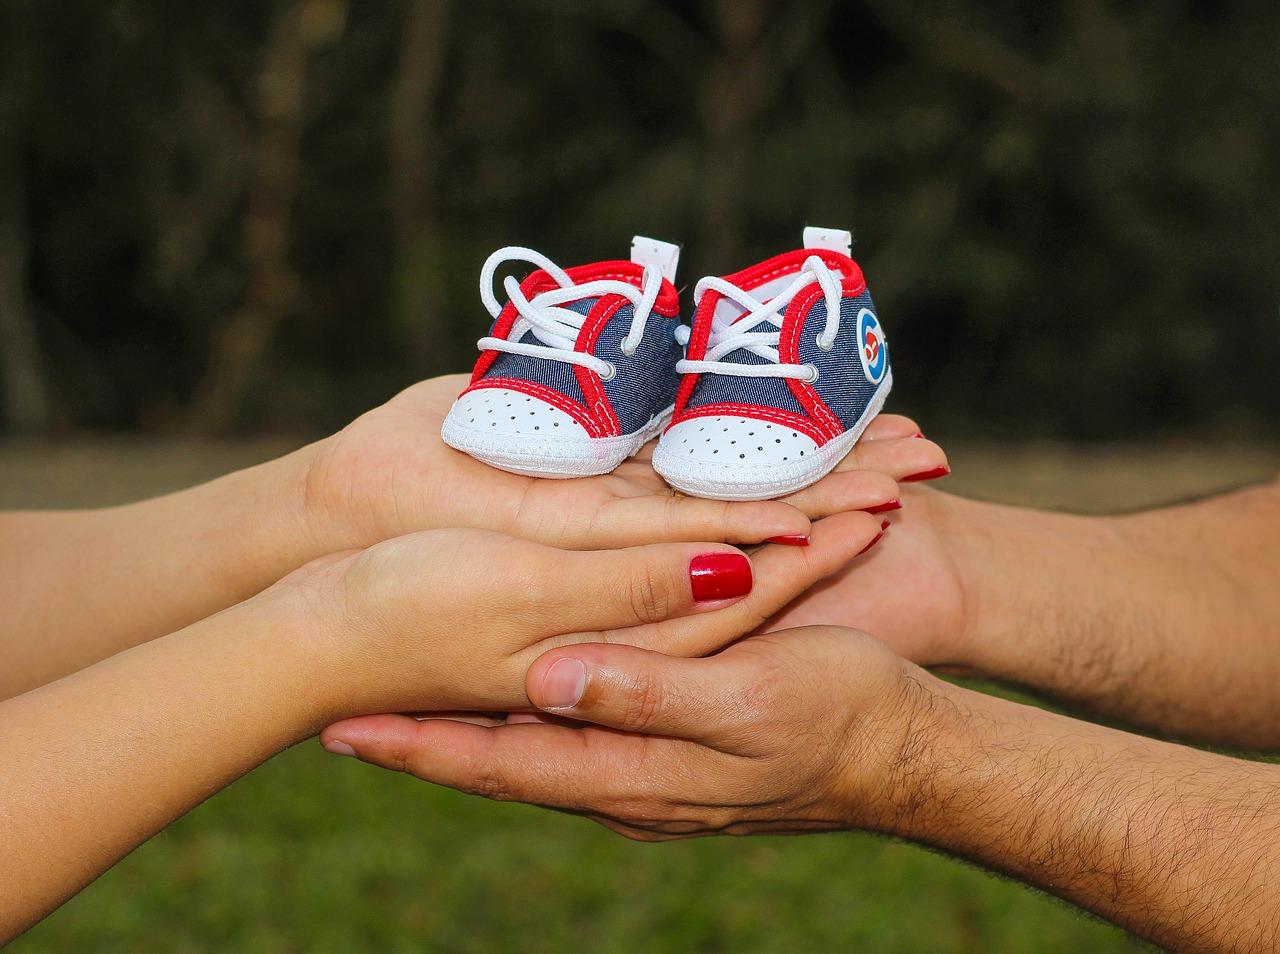 考えられる原因は?排卵検査薬の陽性のタイミングで妊娠できない?